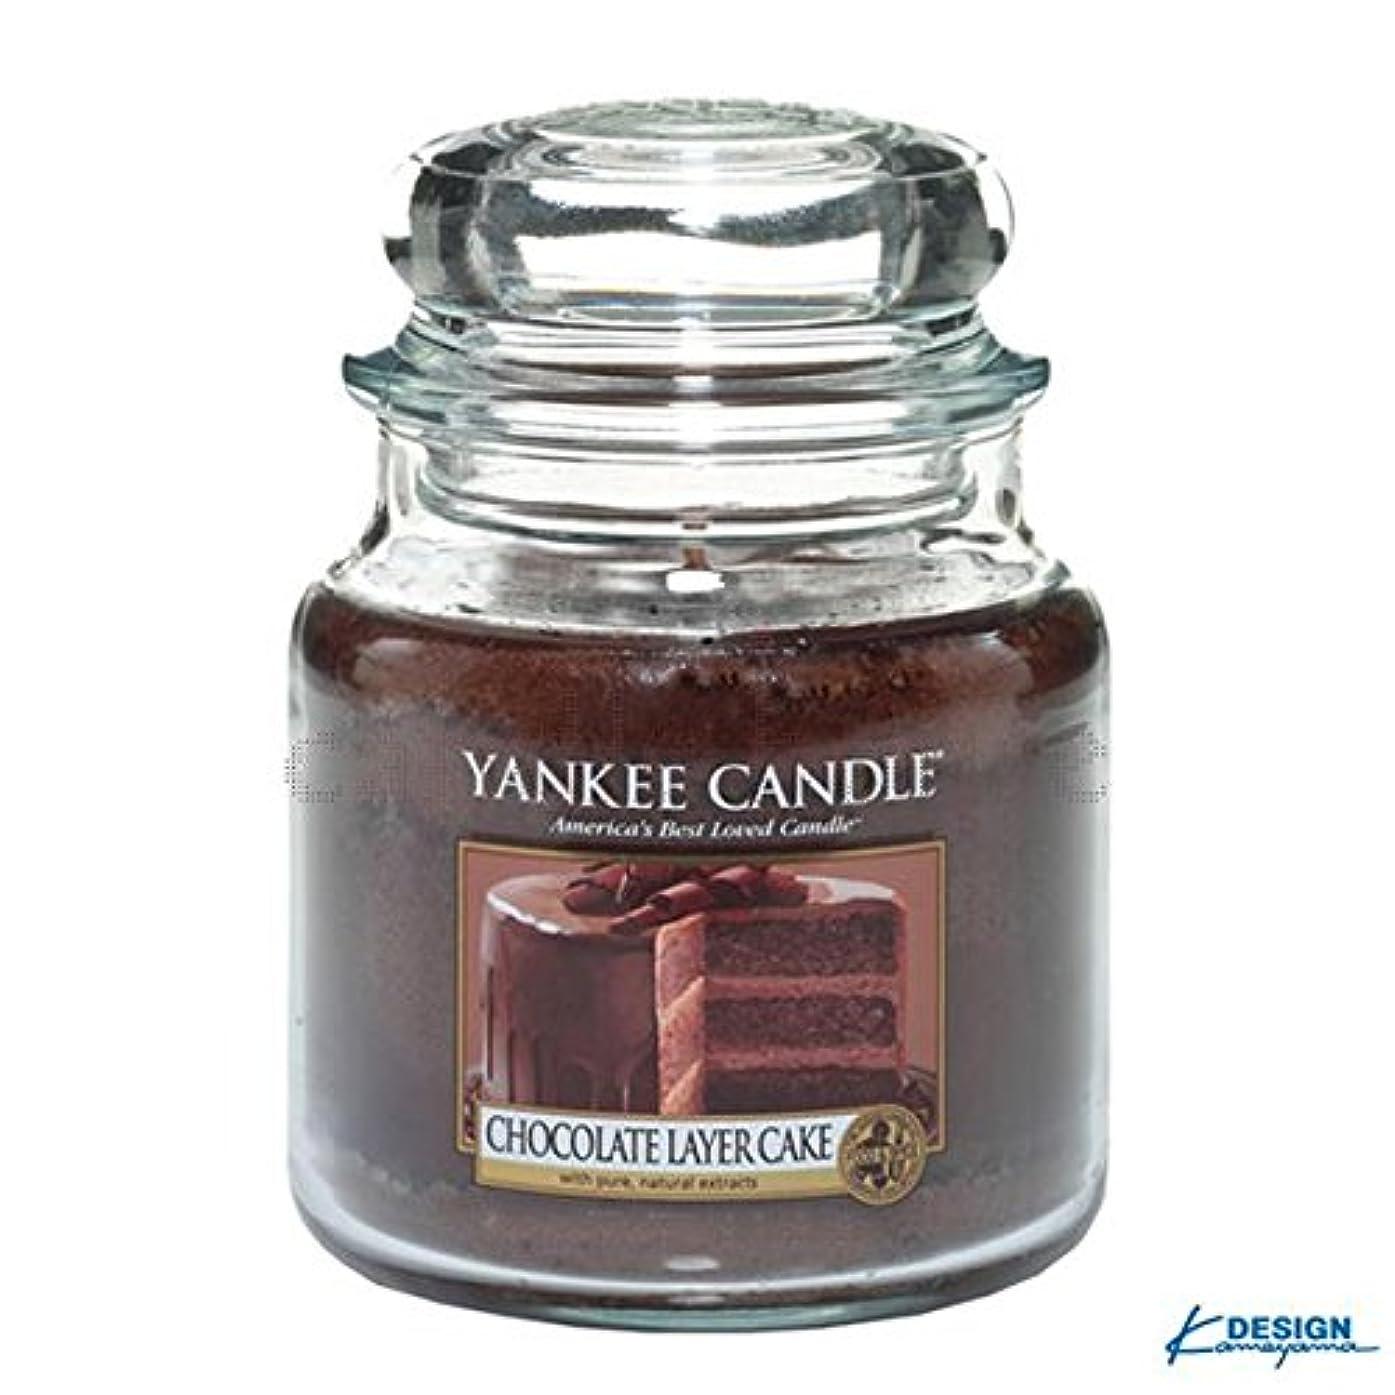 除外する申請者セッションYANKEE CANDLEジャーM 「 チョコレートレイヤーケーキ 」